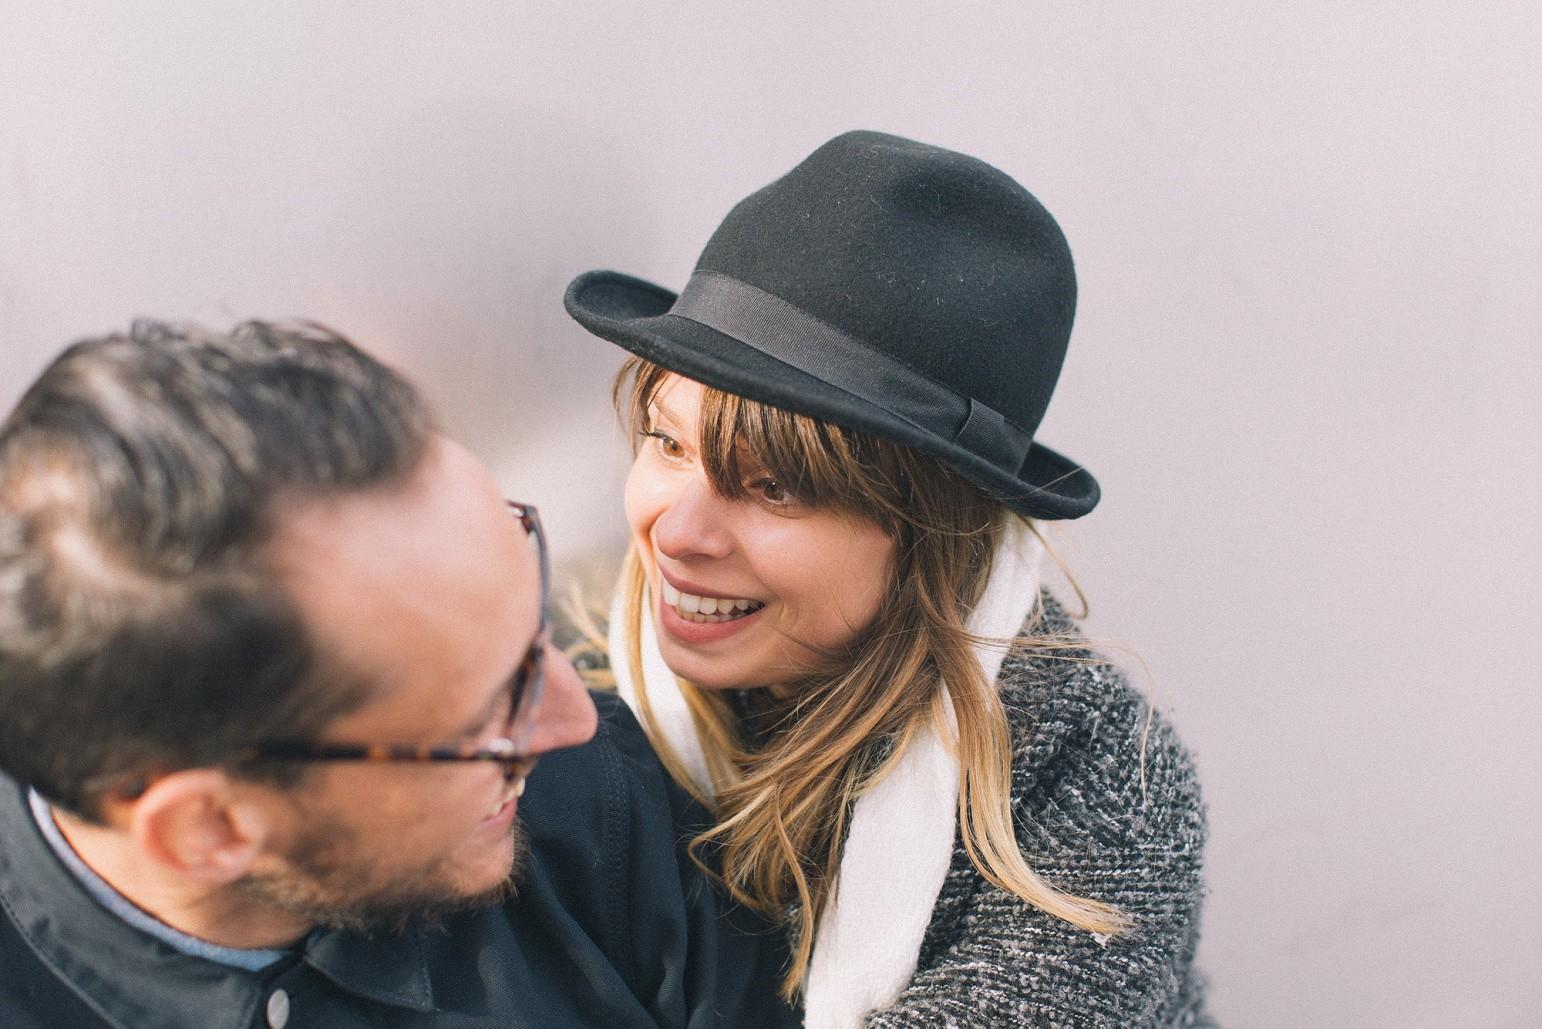 katerynaphotos-mariage-photographe-paysdelaloire-lemans-sarthe-sud_0554.jpg